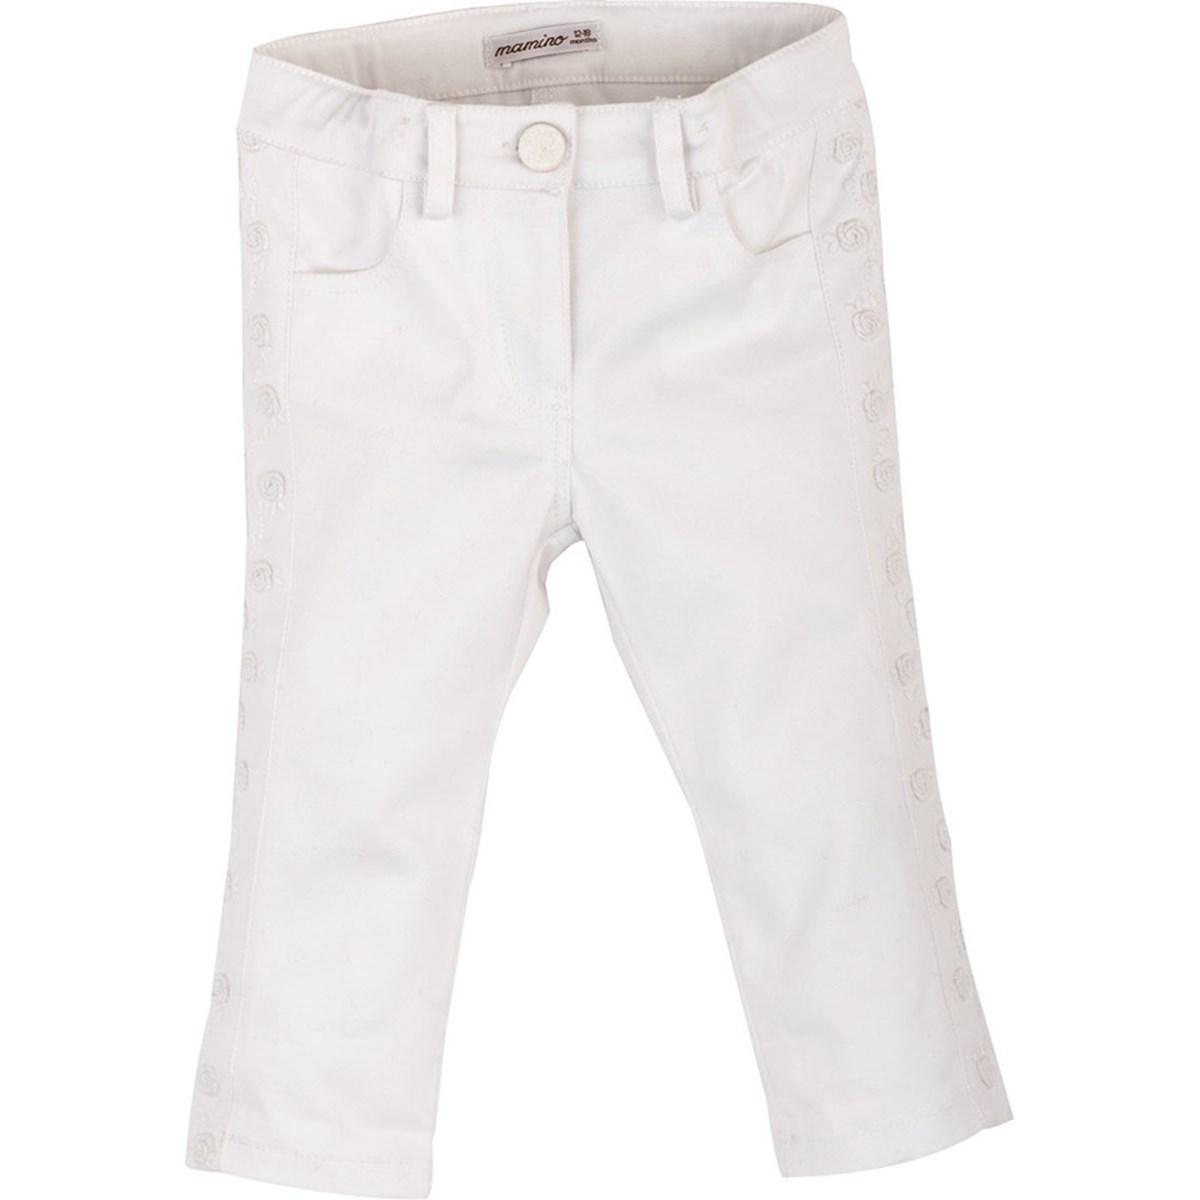 8551 Pantolon 1